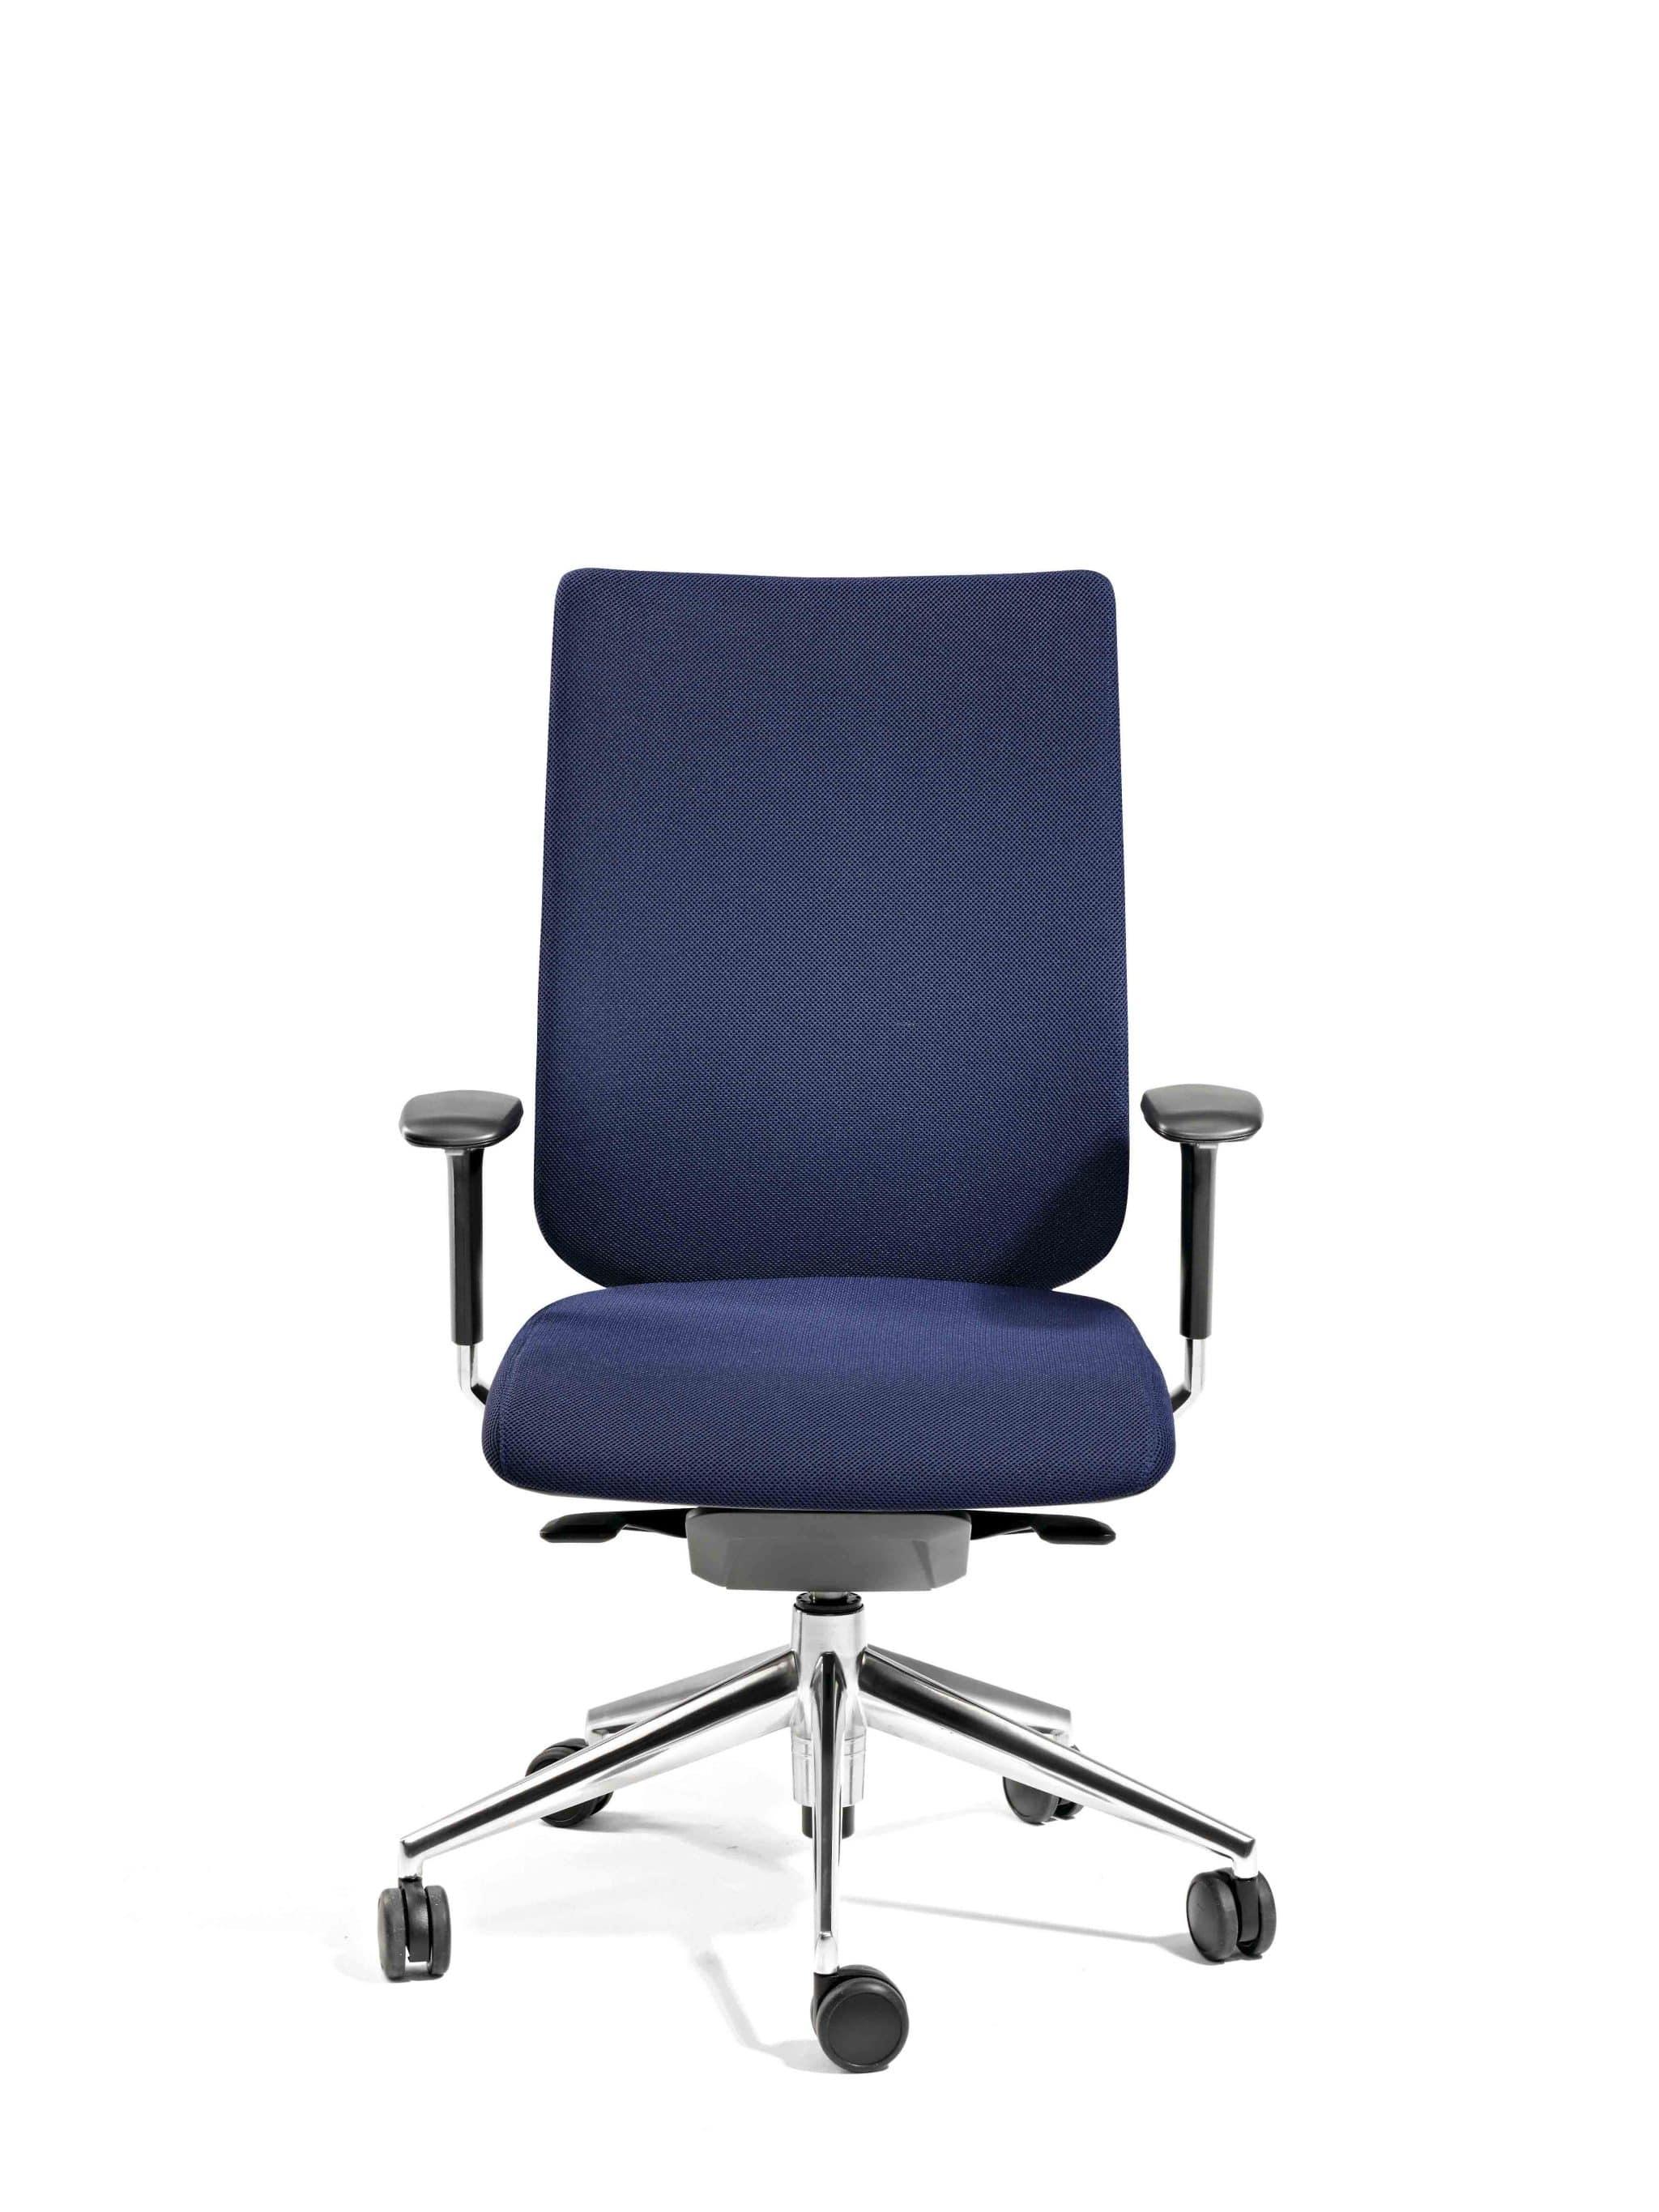 Sillas giratorias tnk ergon micas muebles de oficina spacio for Sillas altas giratorias para oficina